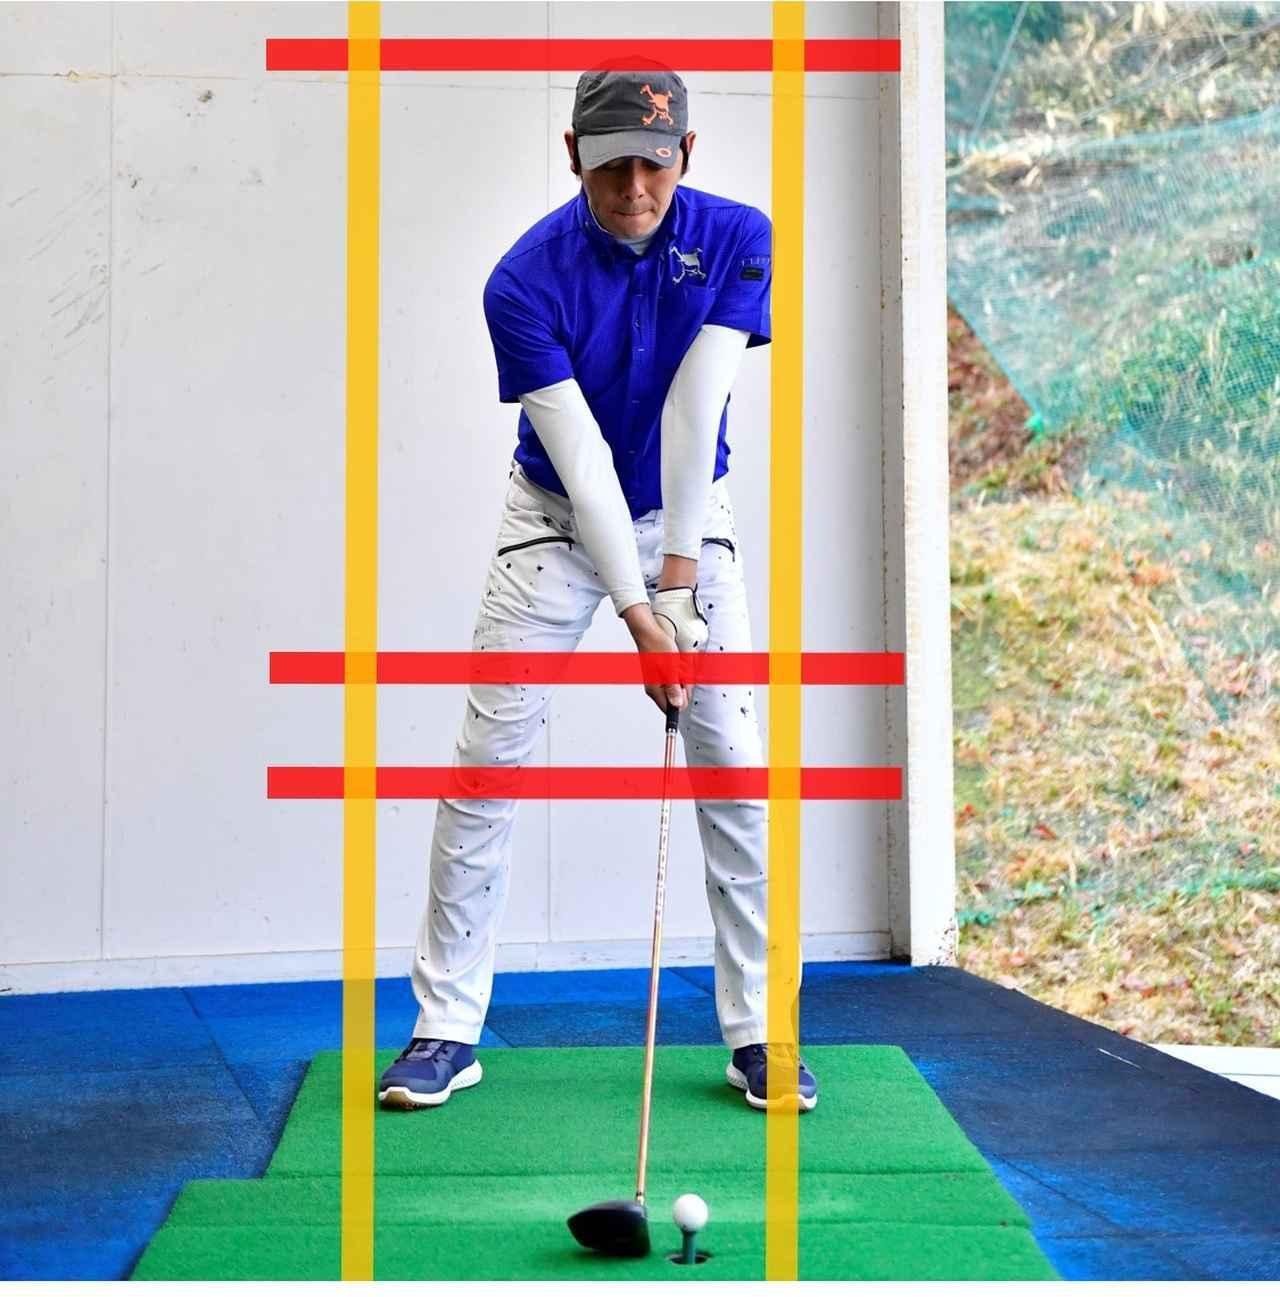 画像1: 自分のスウィングがよく分かる「線の入れ方」